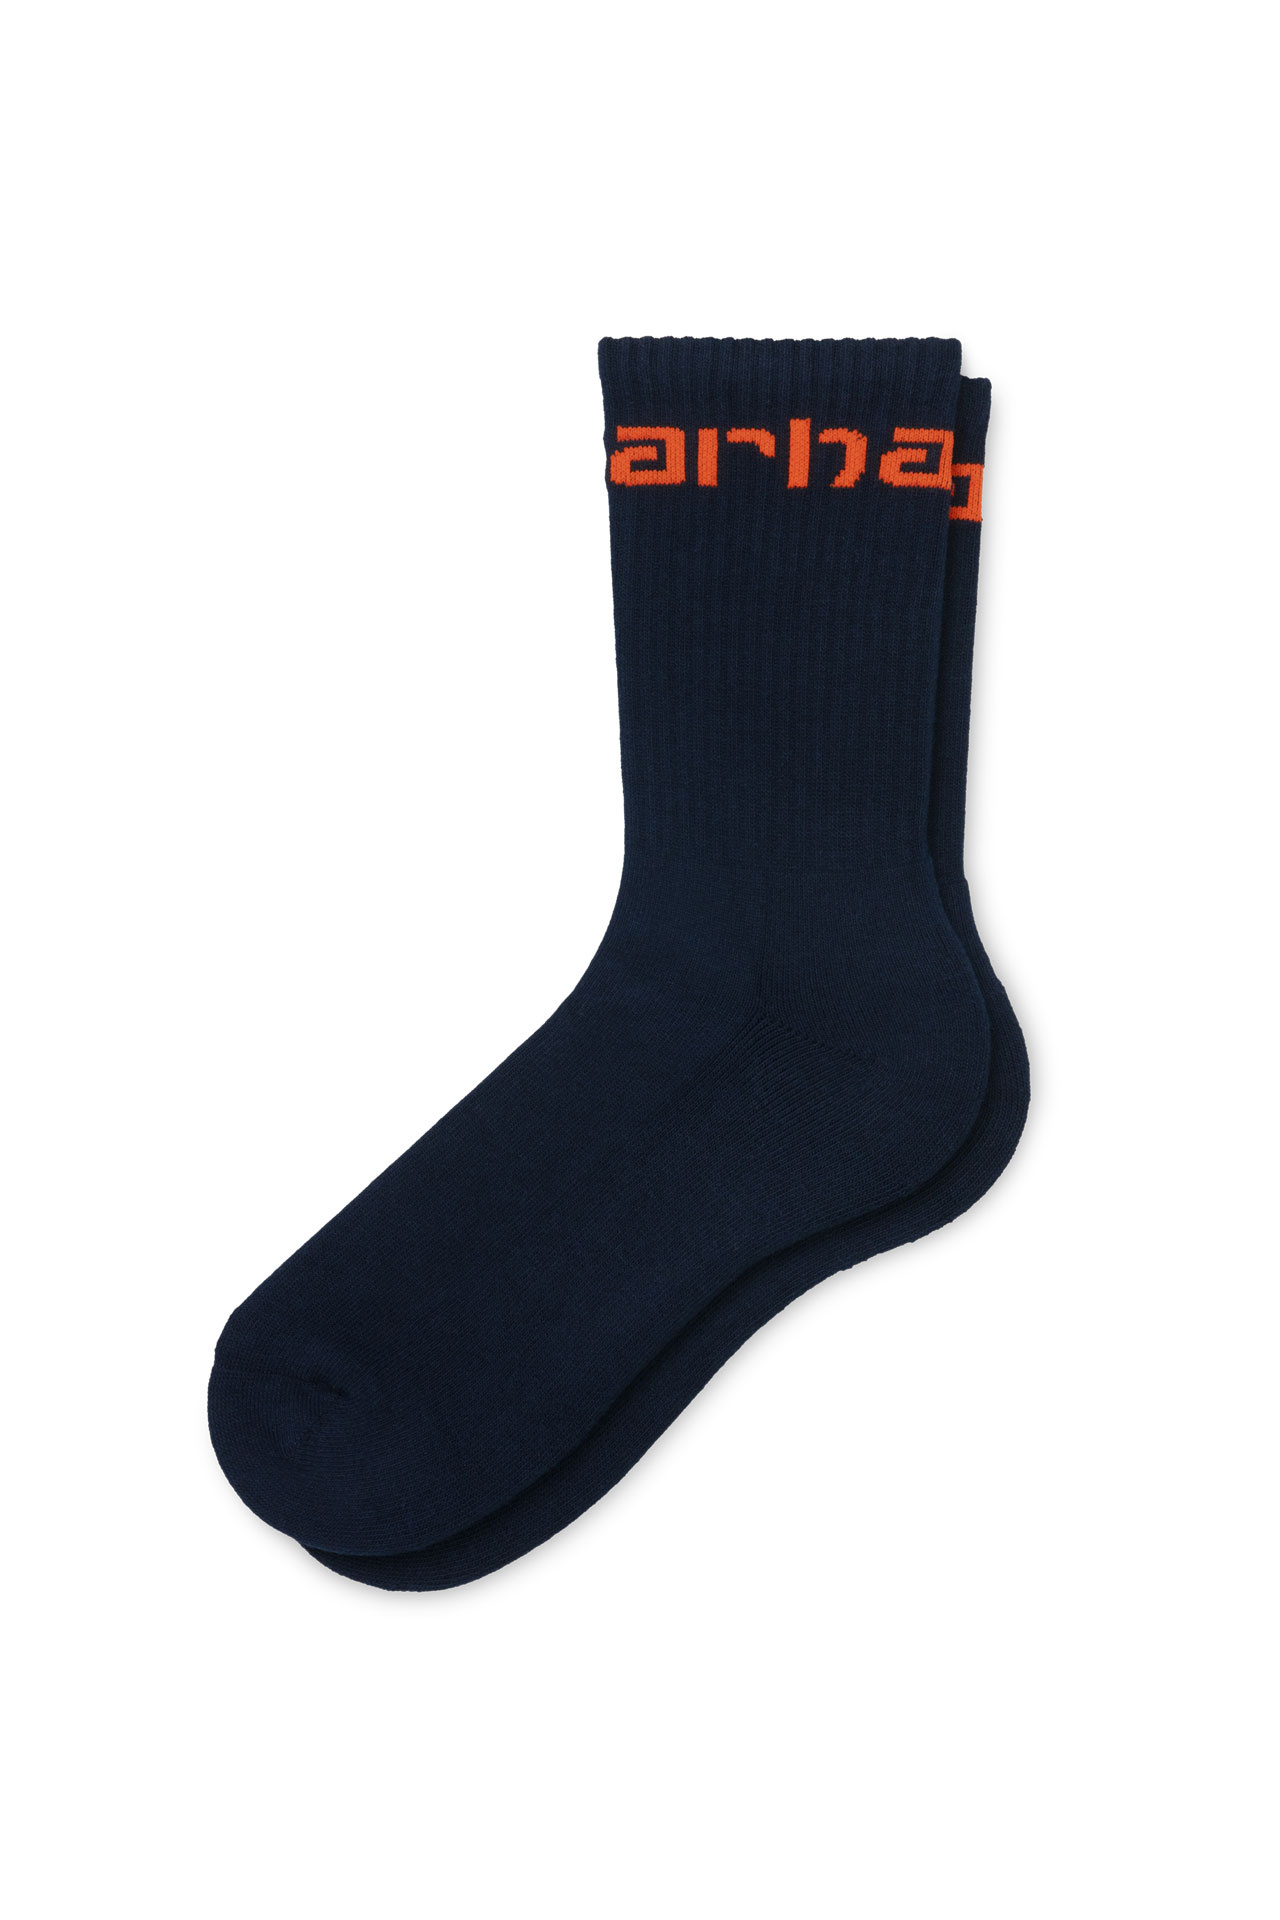 Foto van Carhartt Sokken Carhartt Socks Dark Navy / Safety Orange I027705